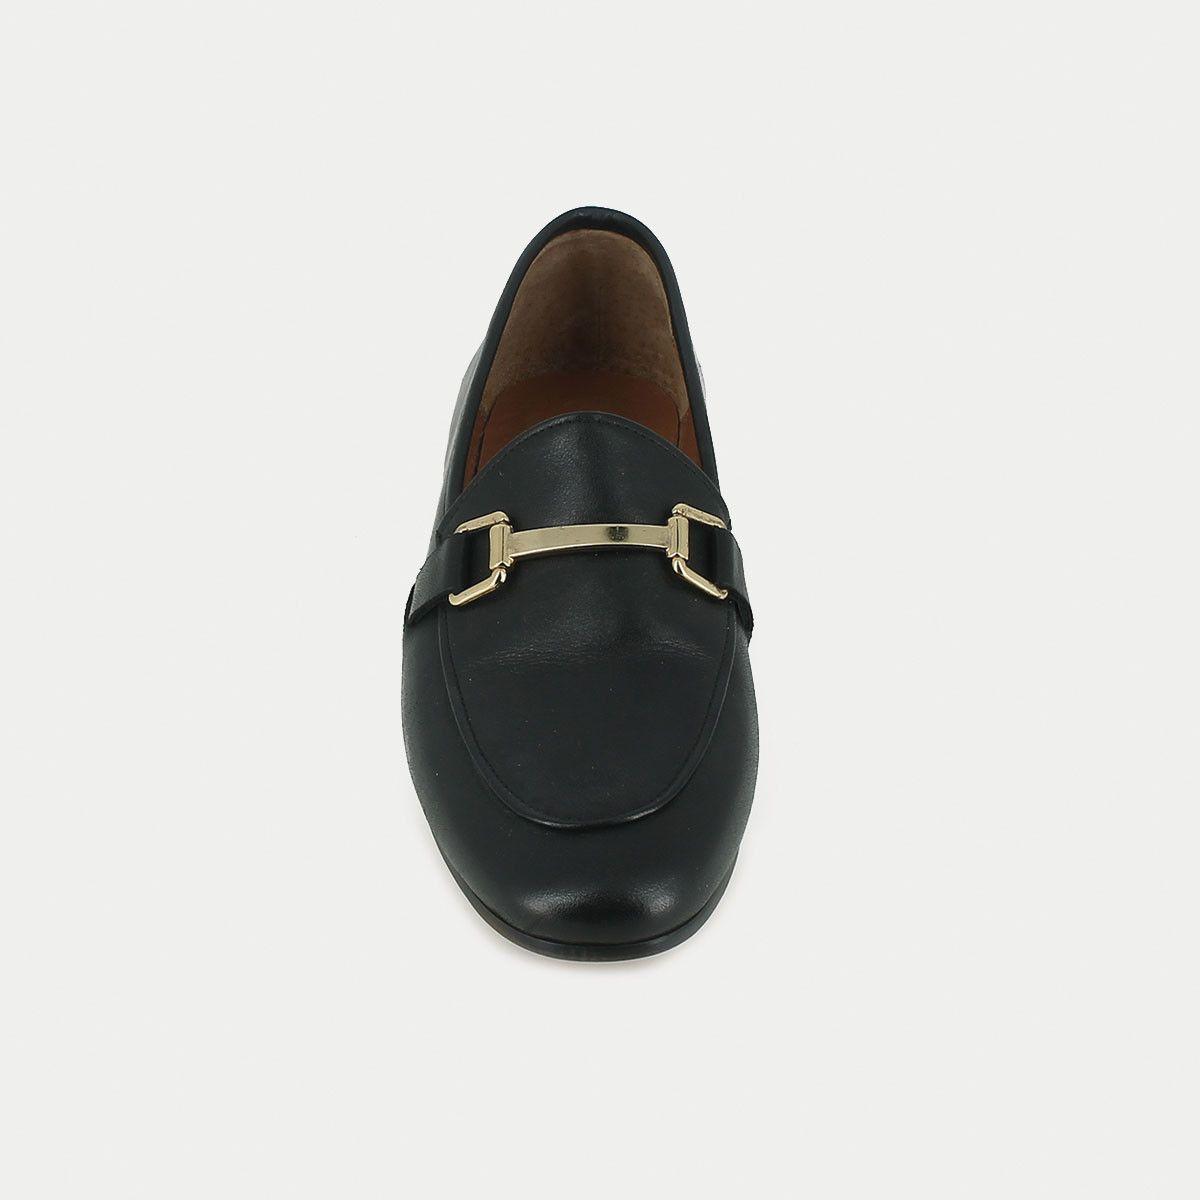 Mocassins en cuir noir | Mocassin, Cuir noir, Chaussure